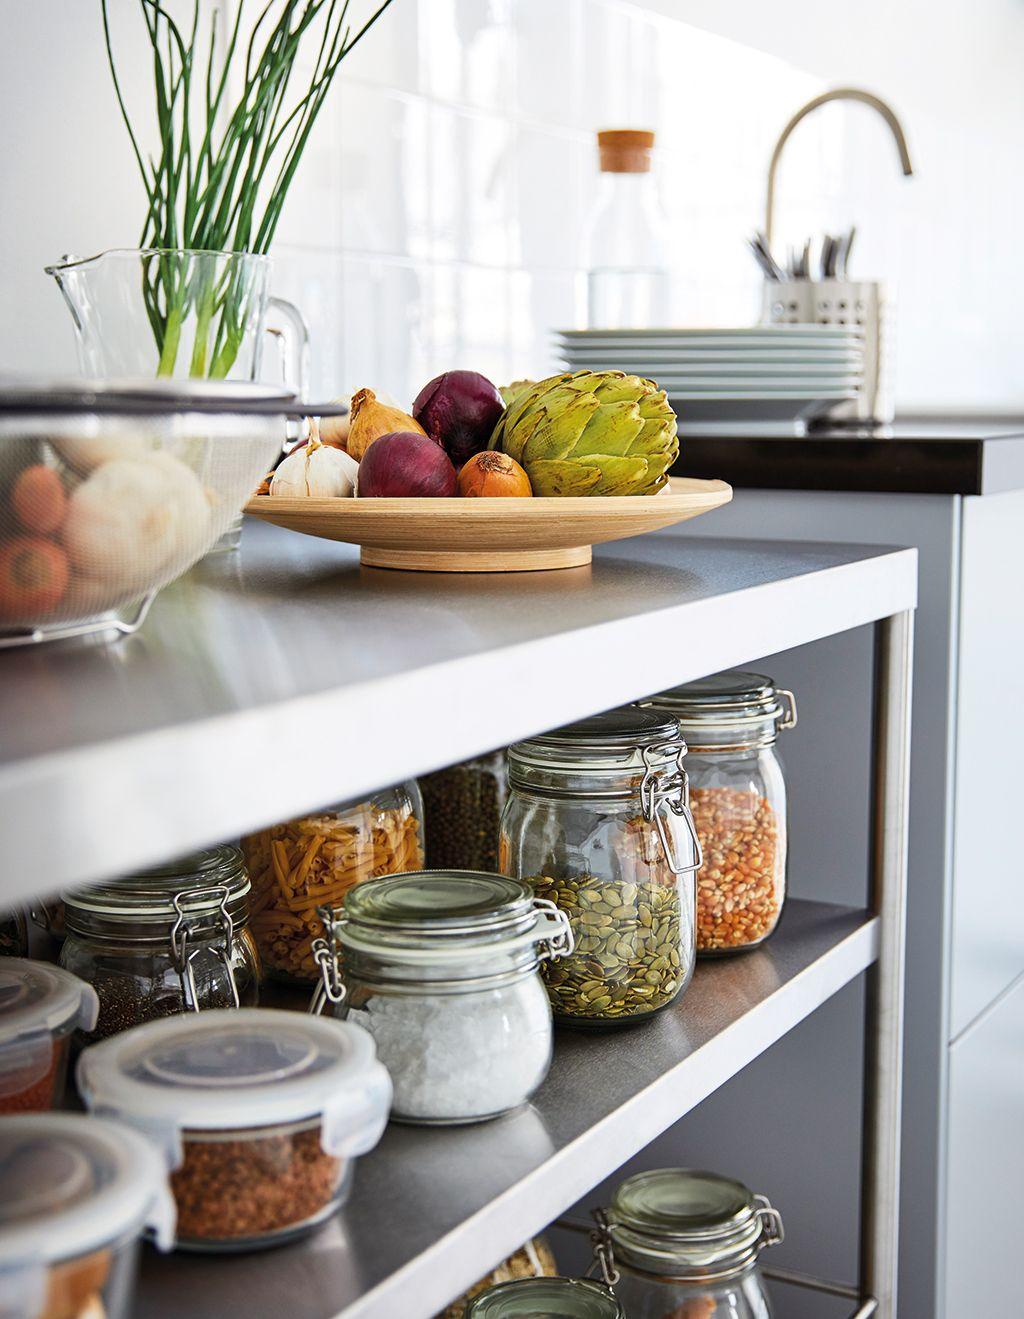 Orden en la cocina: tarros para los granos y especias